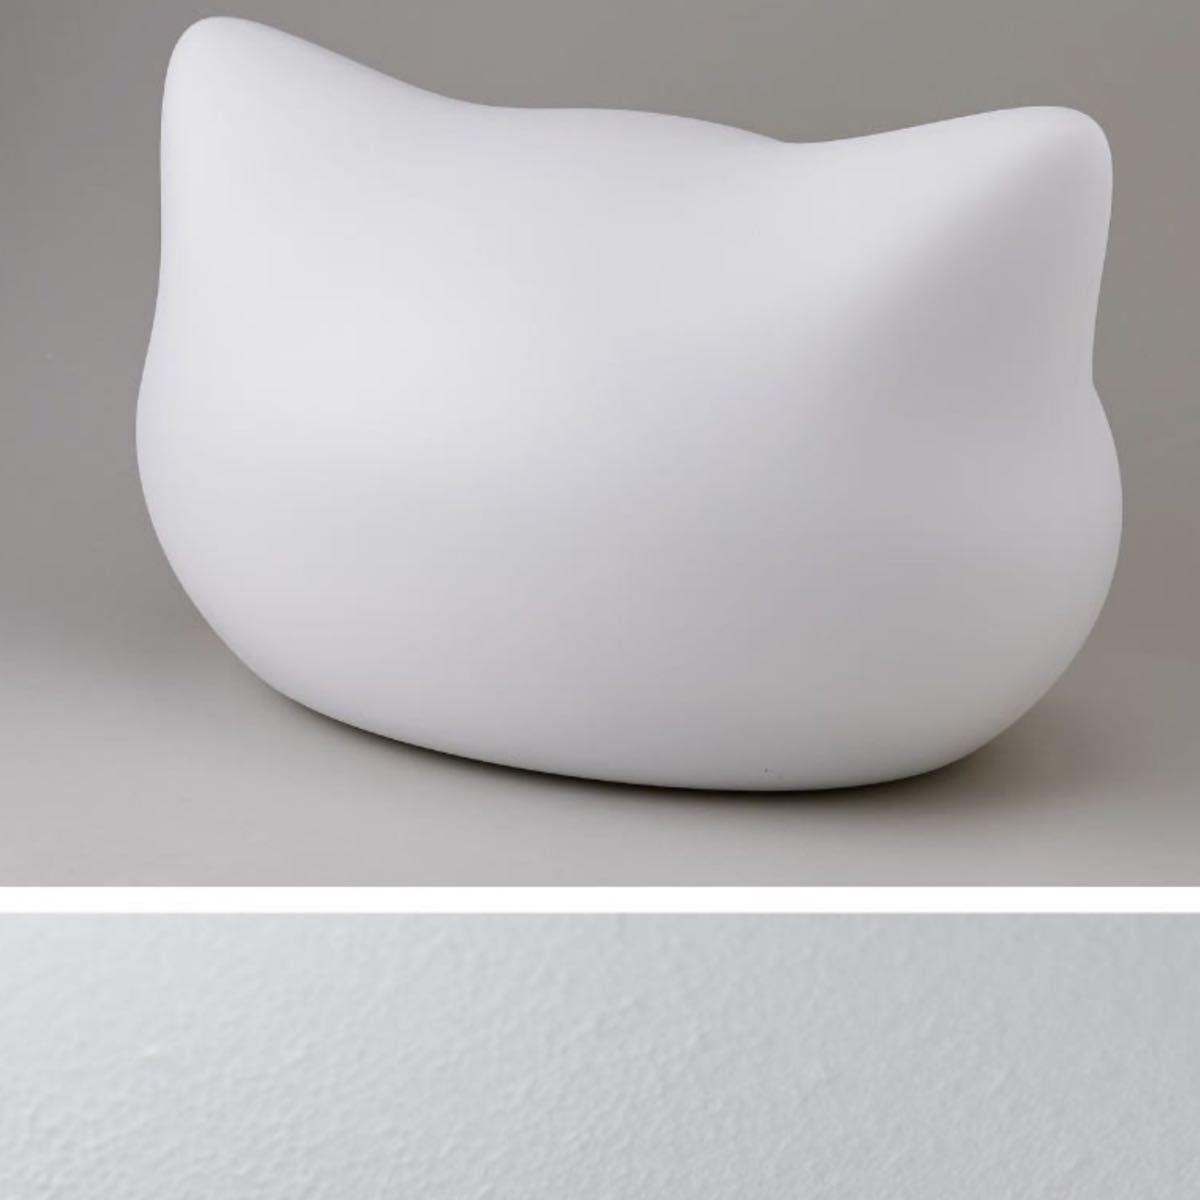 ねころん キャットハウス オシャレな白いお家 ネコ ねこベッド